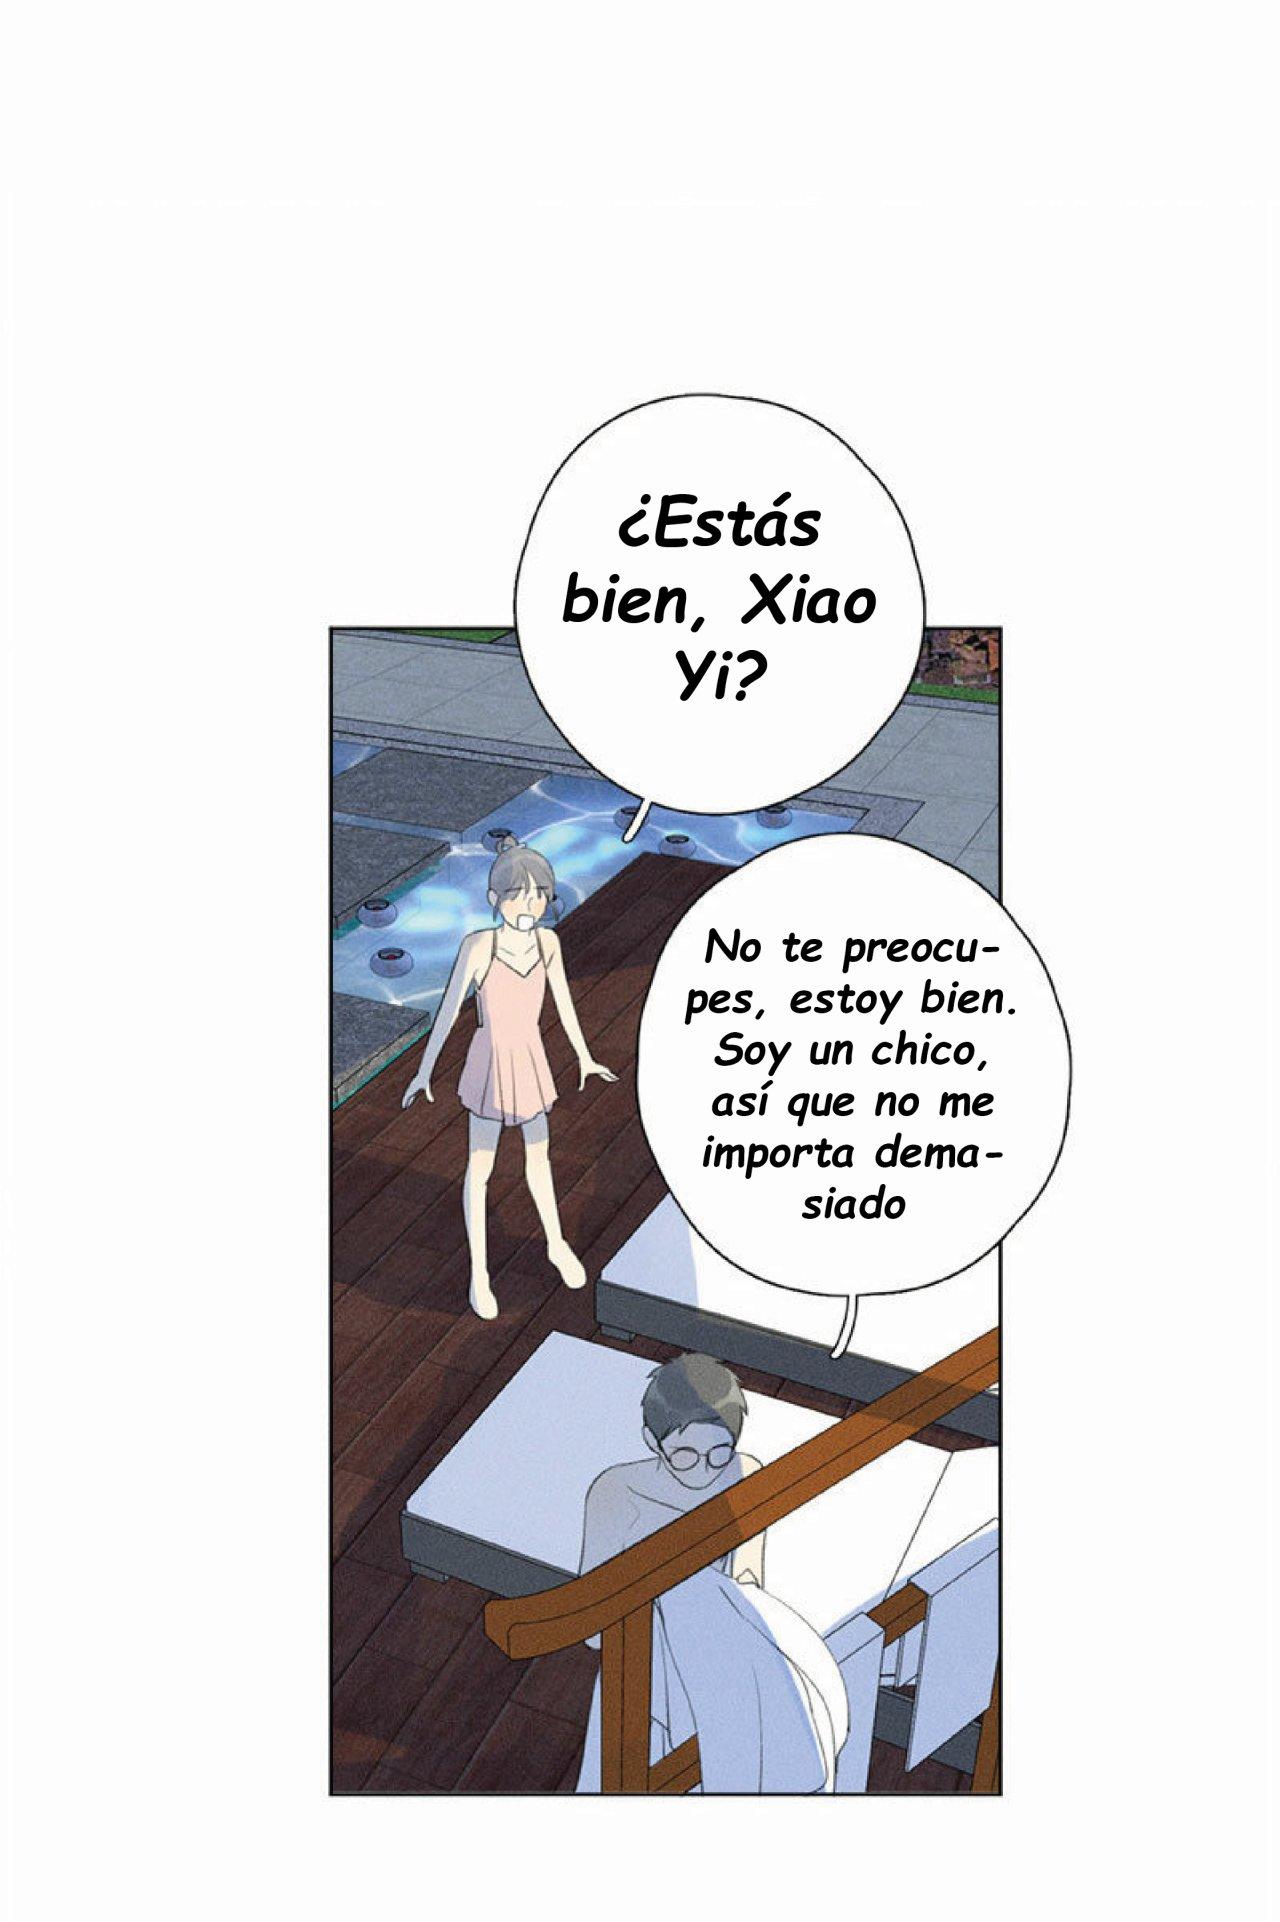 https://nine.mangadogs.com/es_manga/pic8/29/24925/946329/bfe897be4cfac69ab90dab87238a7c57.jpg Page 12